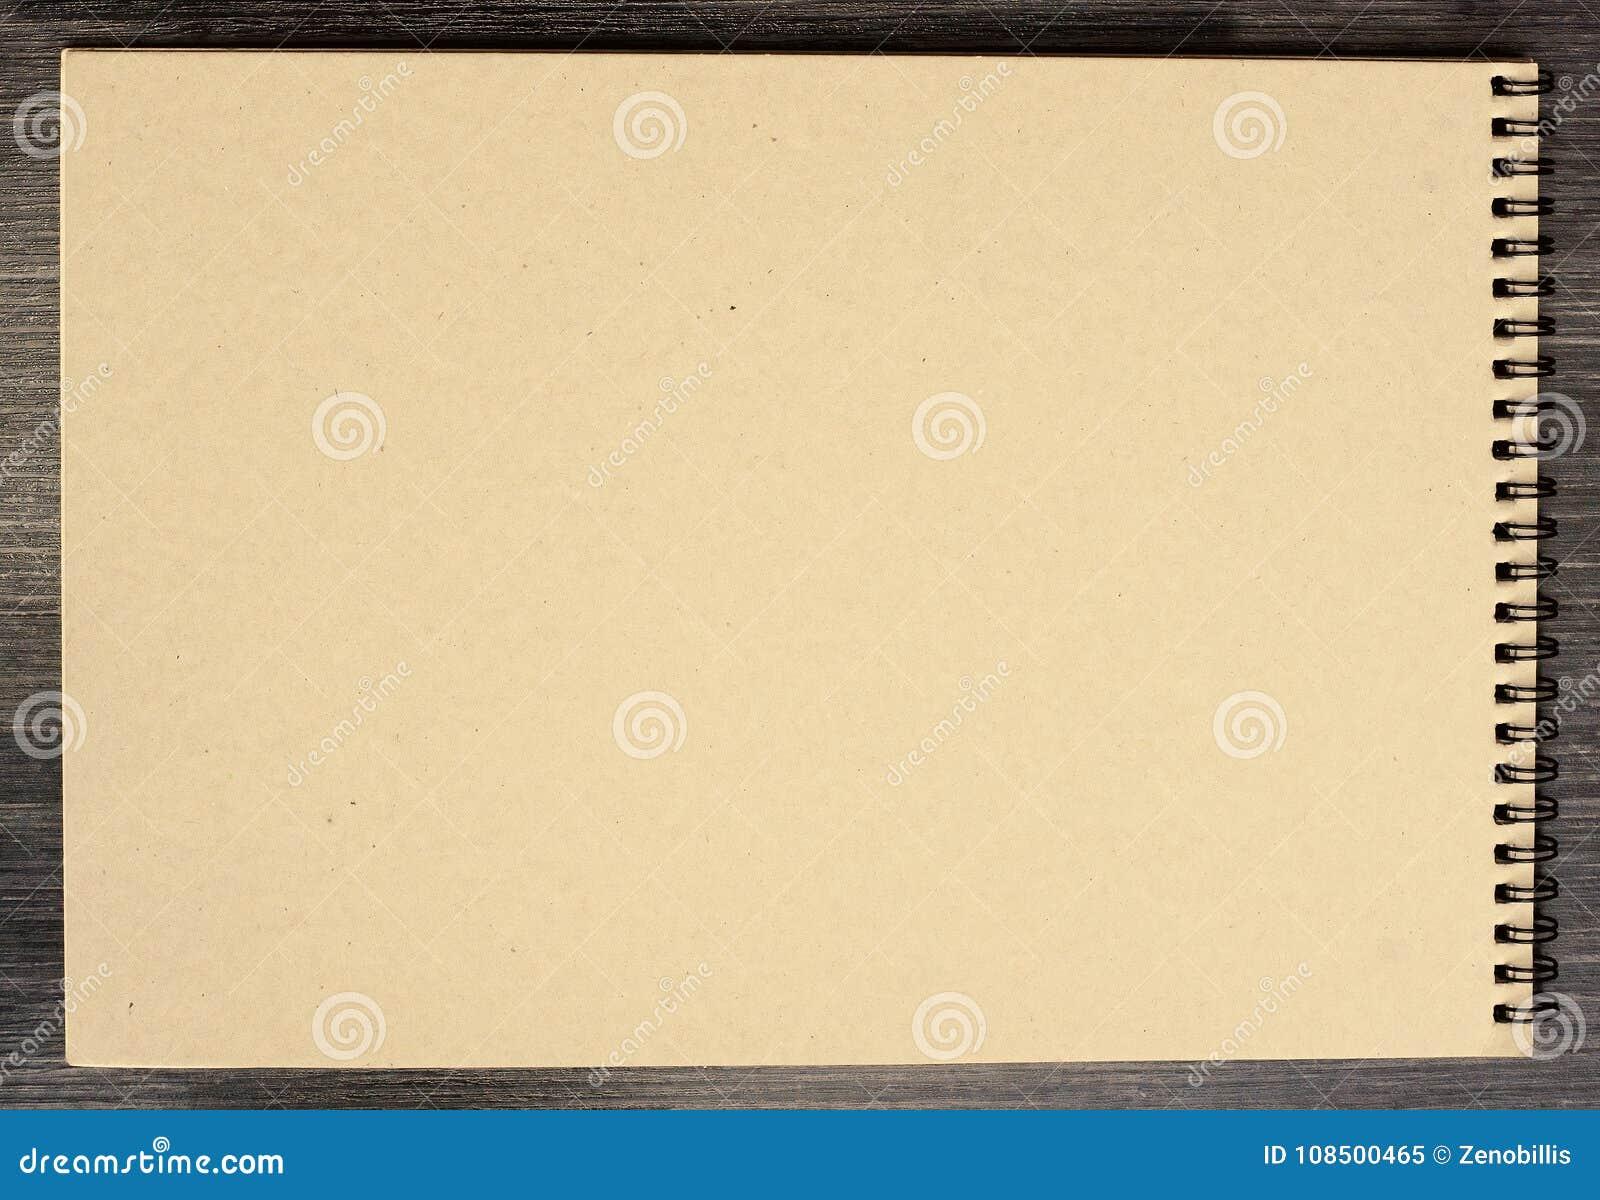 Bloco de notas vazio para esboçar com as páginas amareladas do cartão no fundo preto